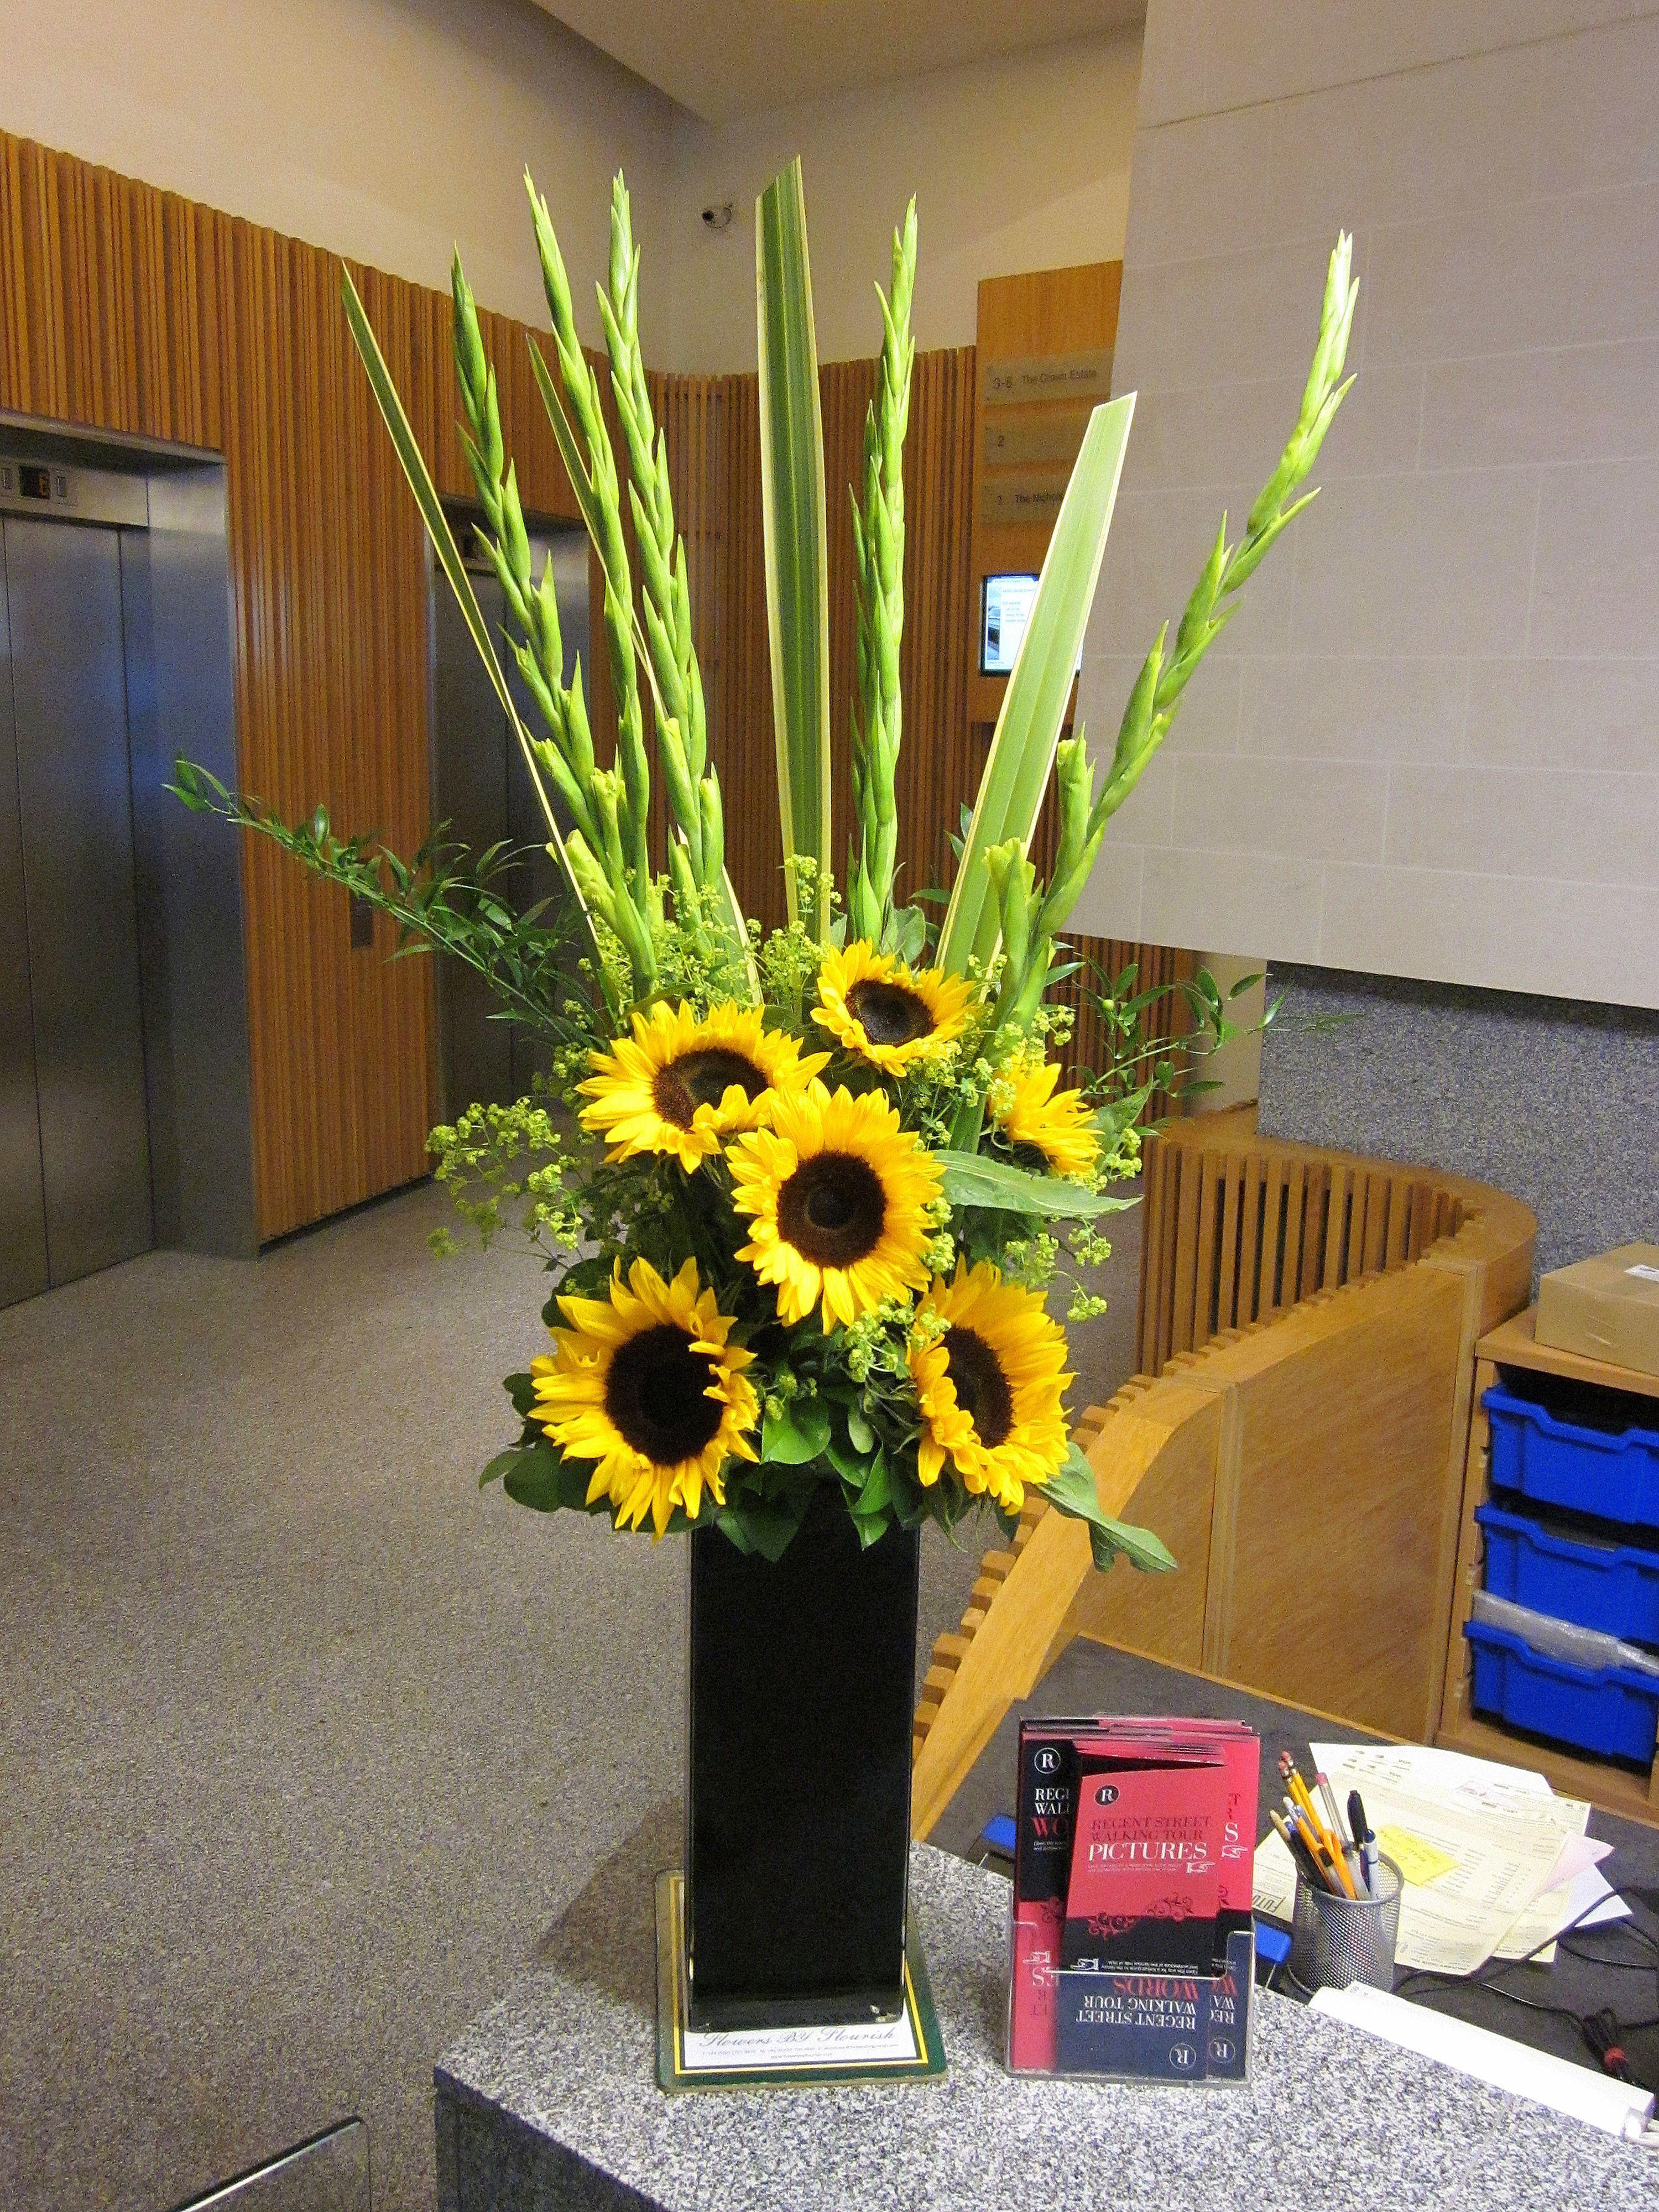 Image result for orange gladiolus and sunflower arrangement